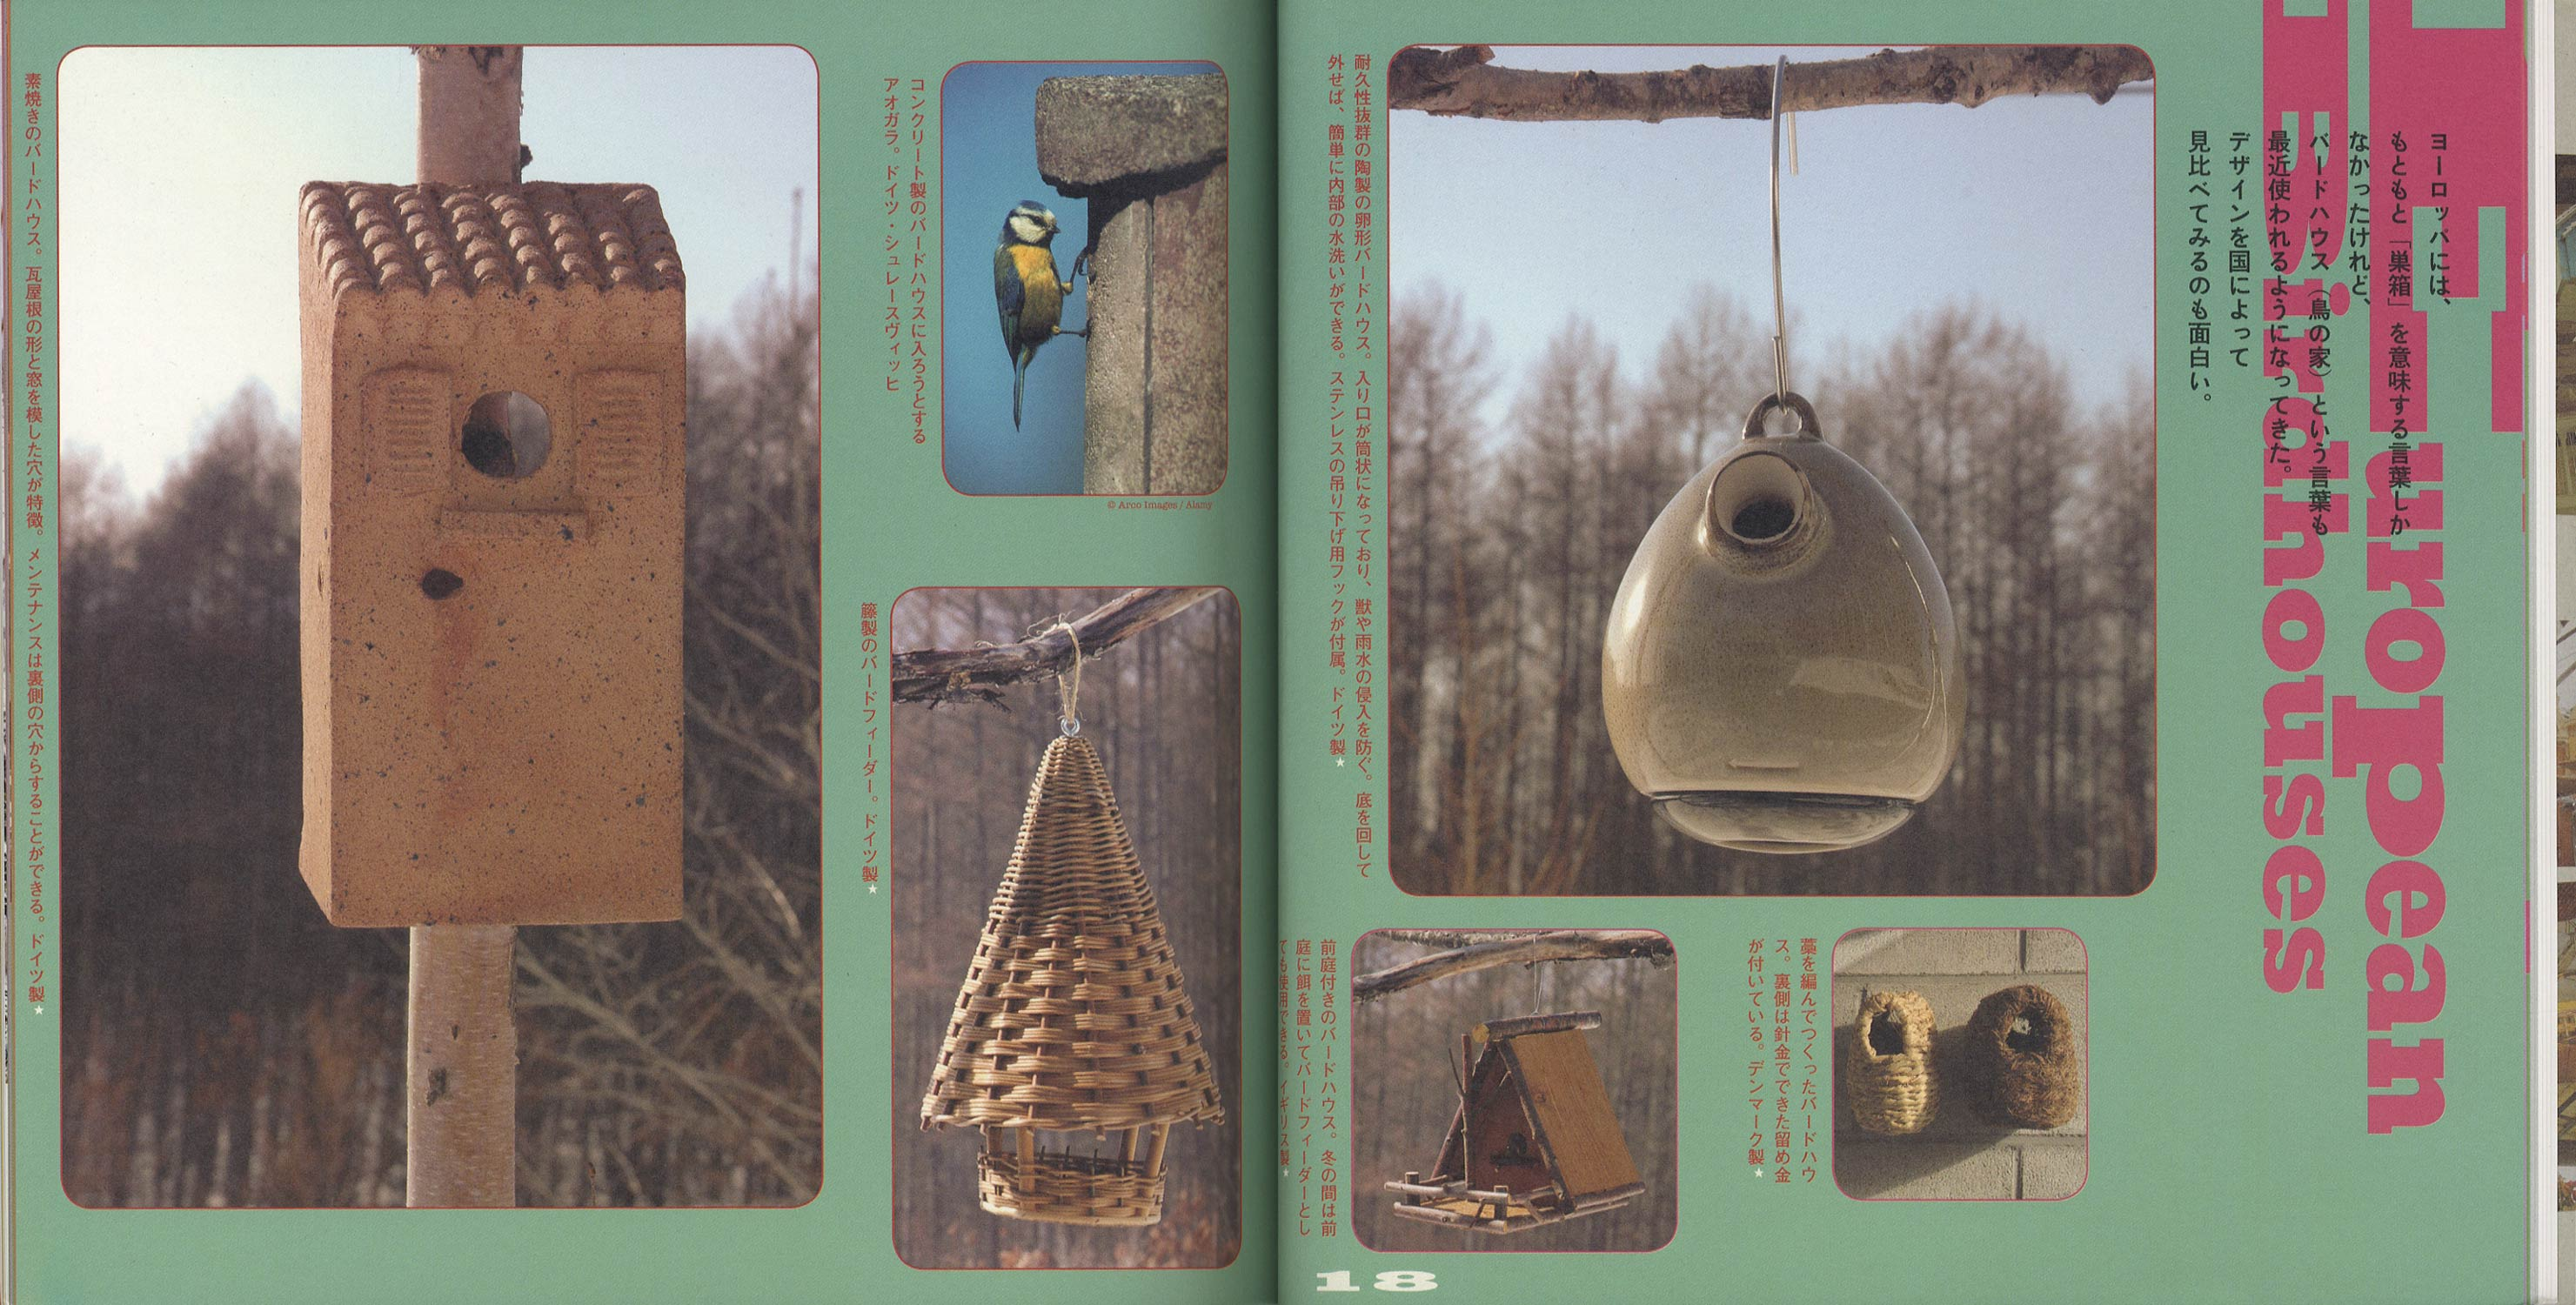 バードハウス 小鳥を呼ぶ家[image2]